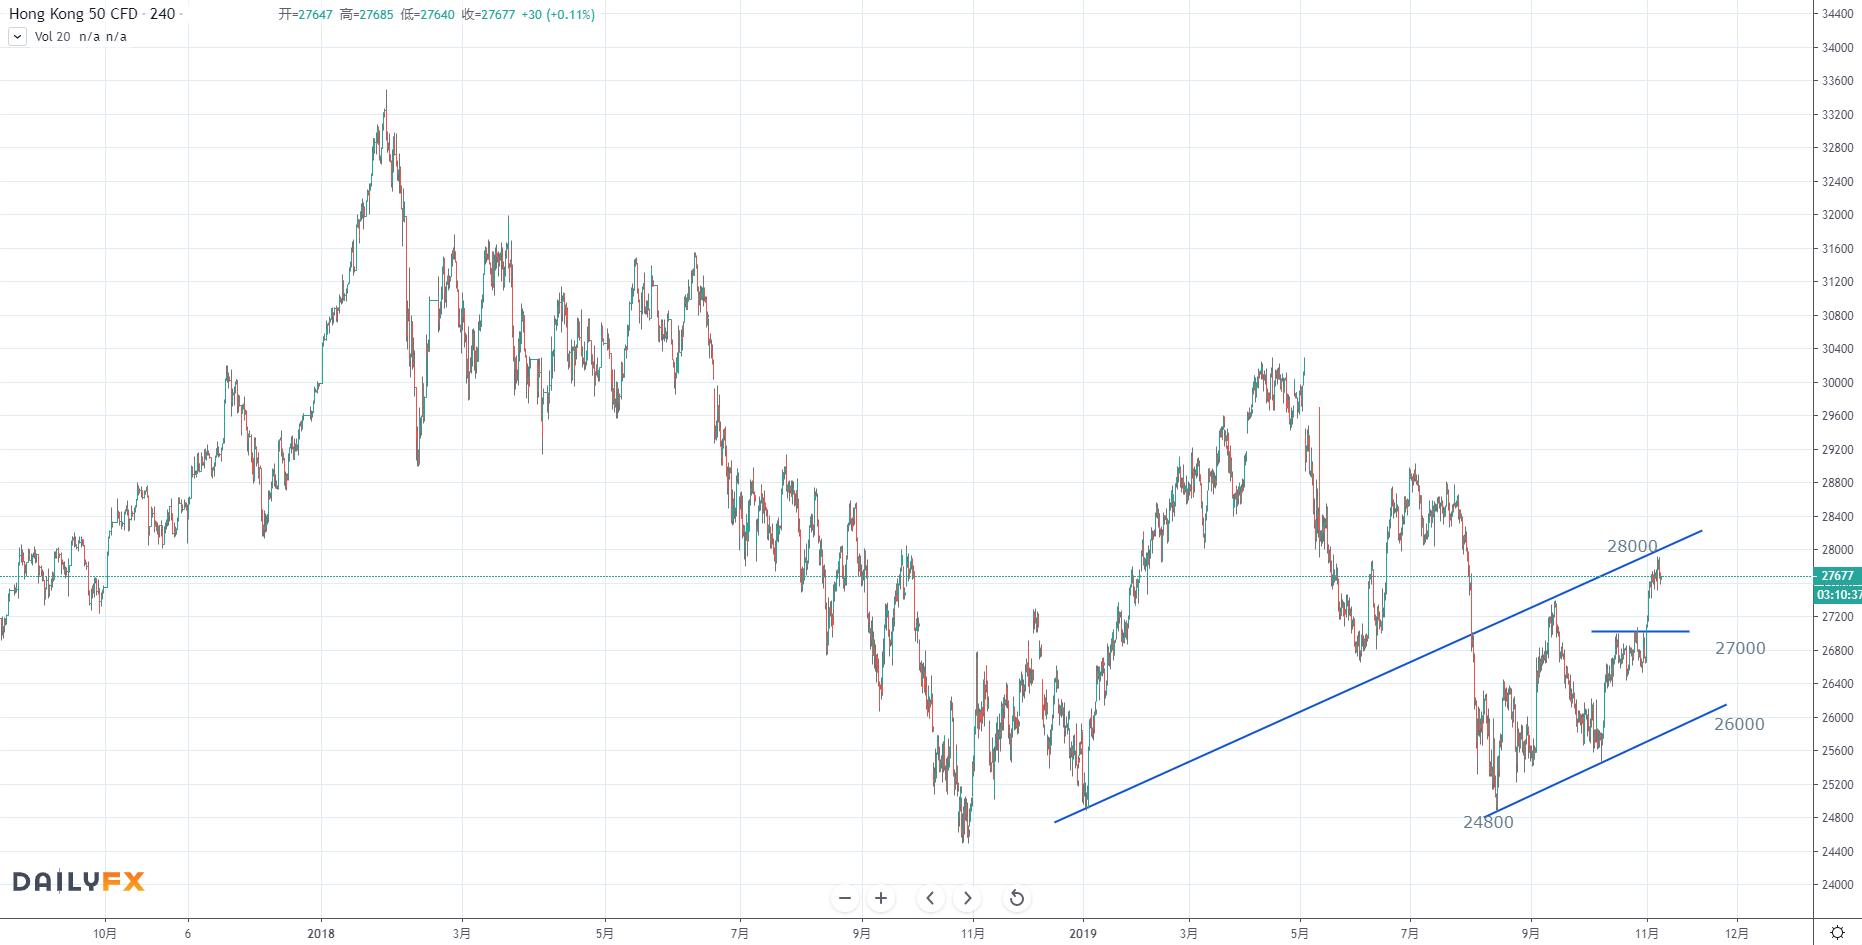 【恒指周评】贸易局势趋缓再刺激风险情绪,美联储货币政策重新影响市场